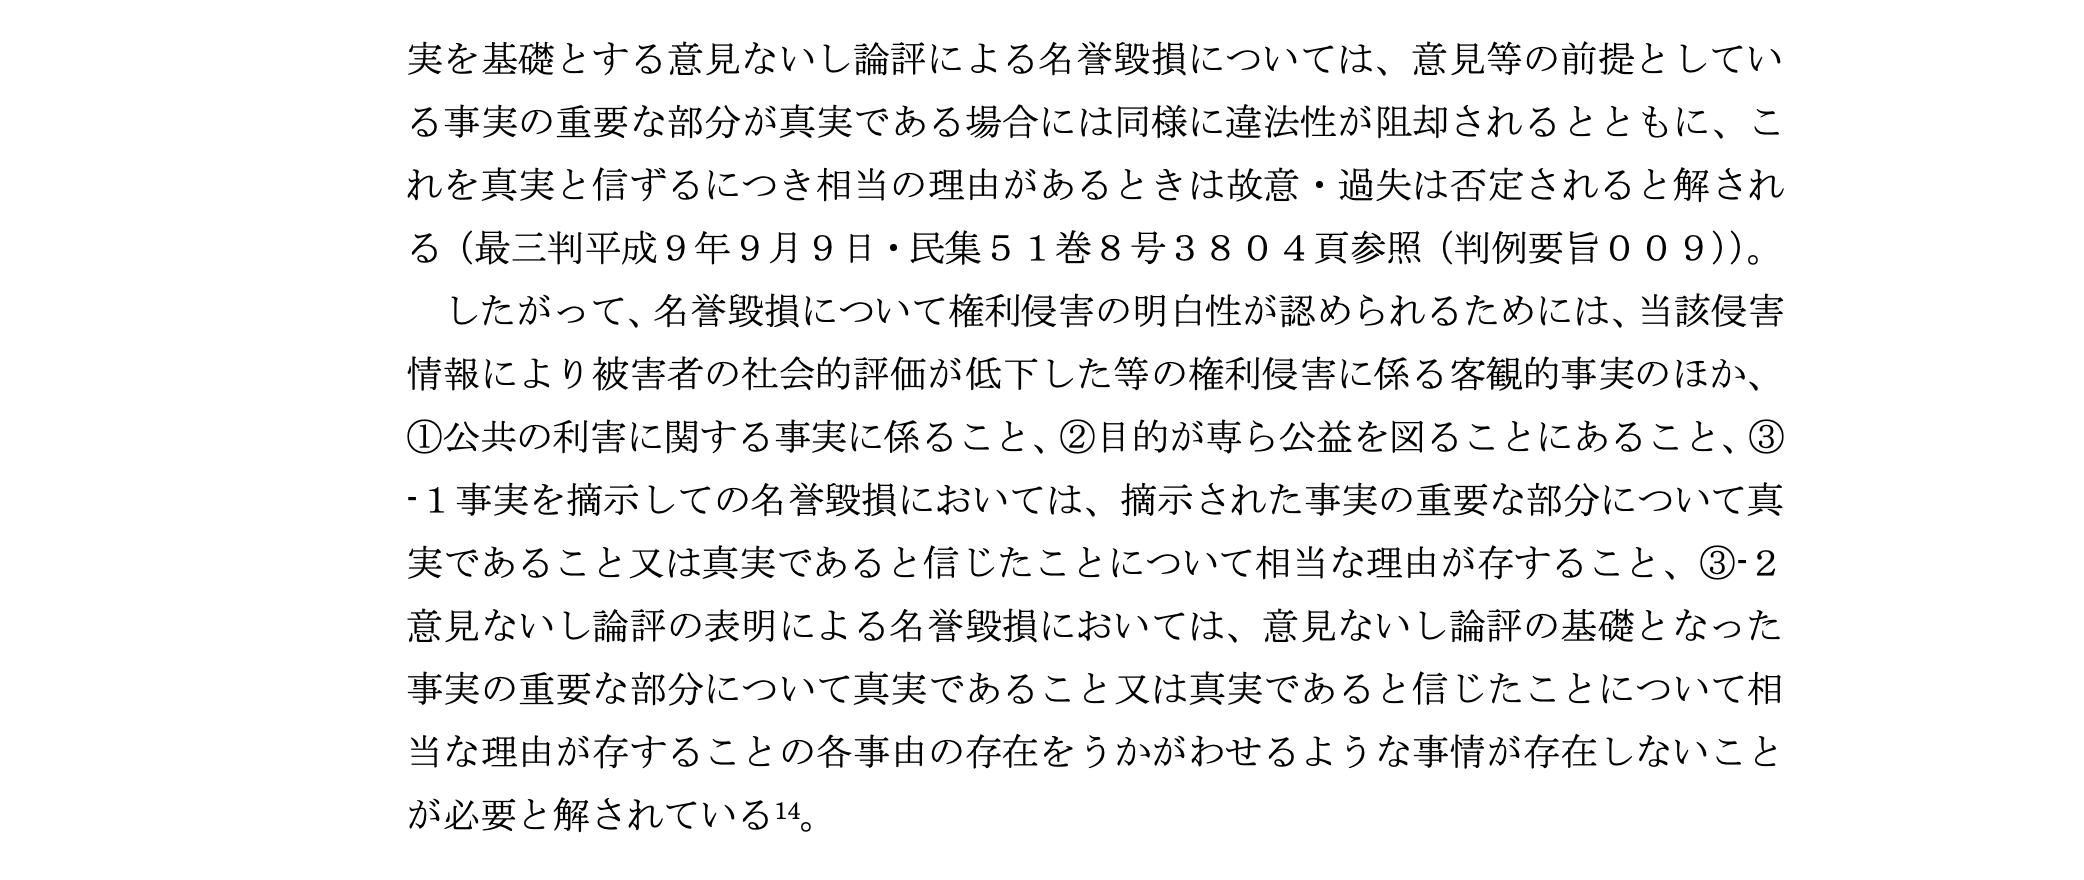 田岡プロバイダ責任法3